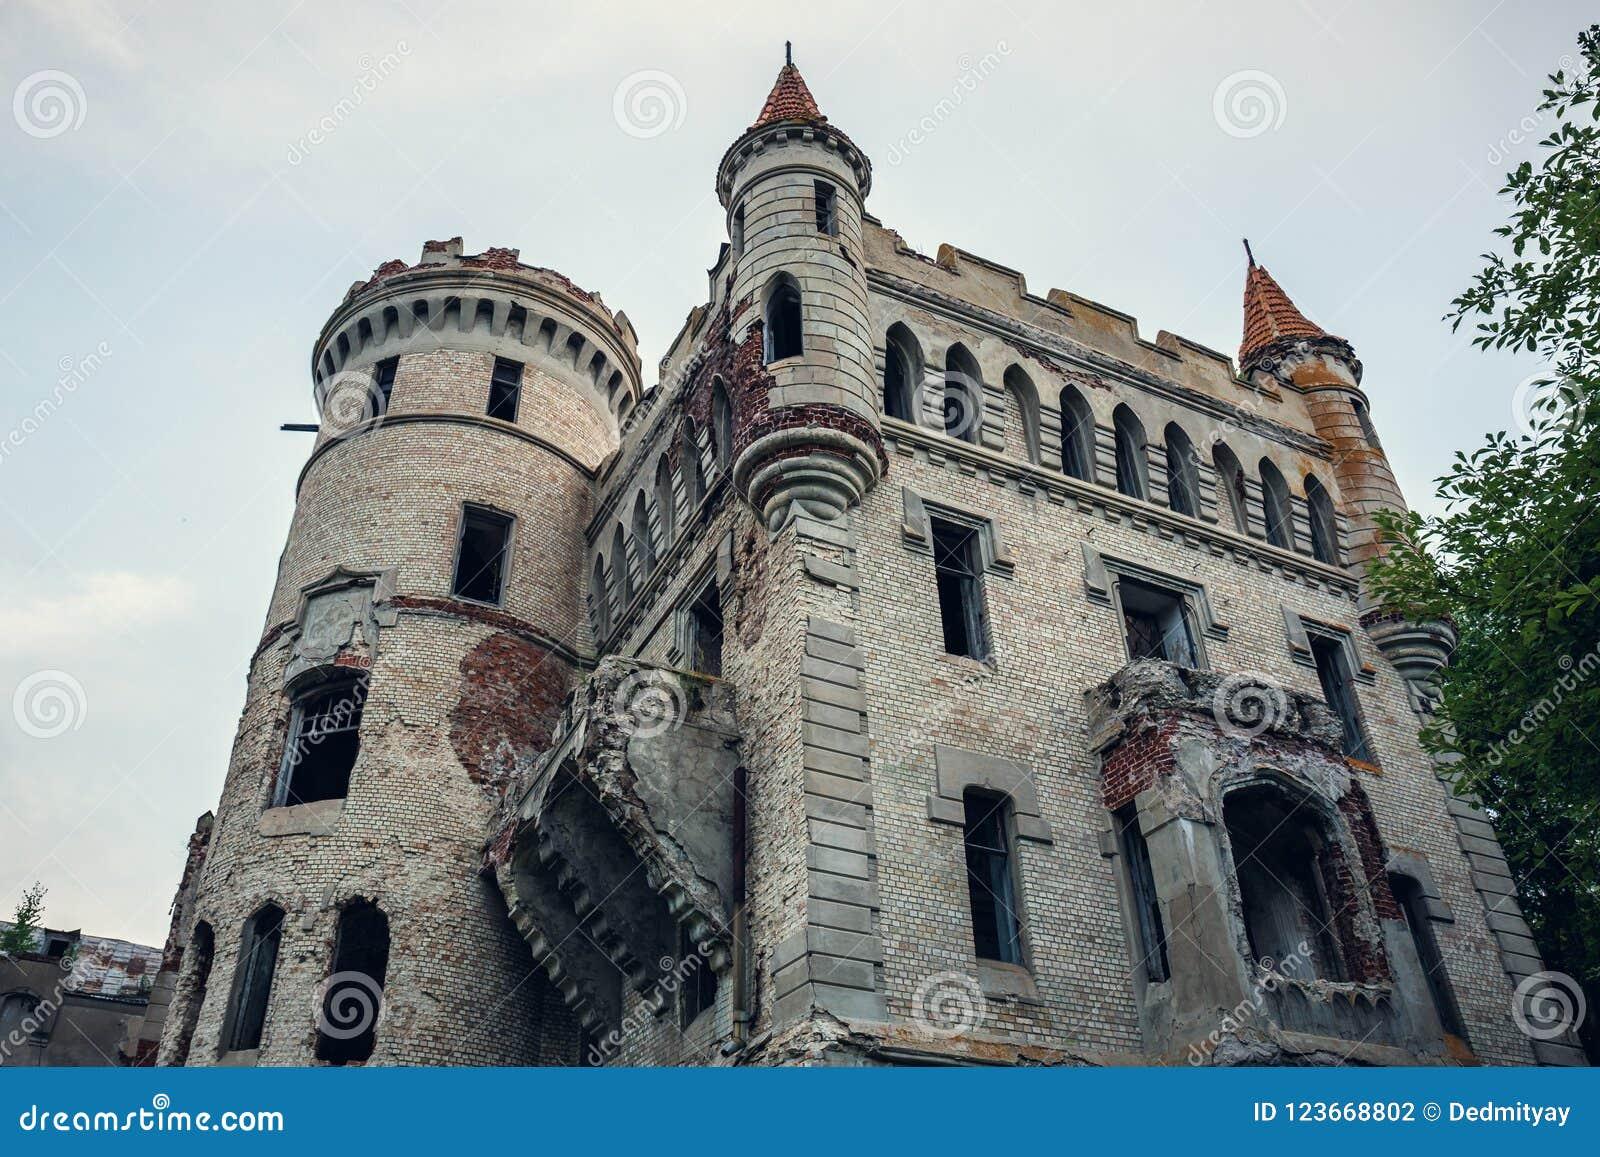 Ruiny zniszczony antyczny kasztel nieruchomość Khrapovitsky w Muromtsevo, Rosja